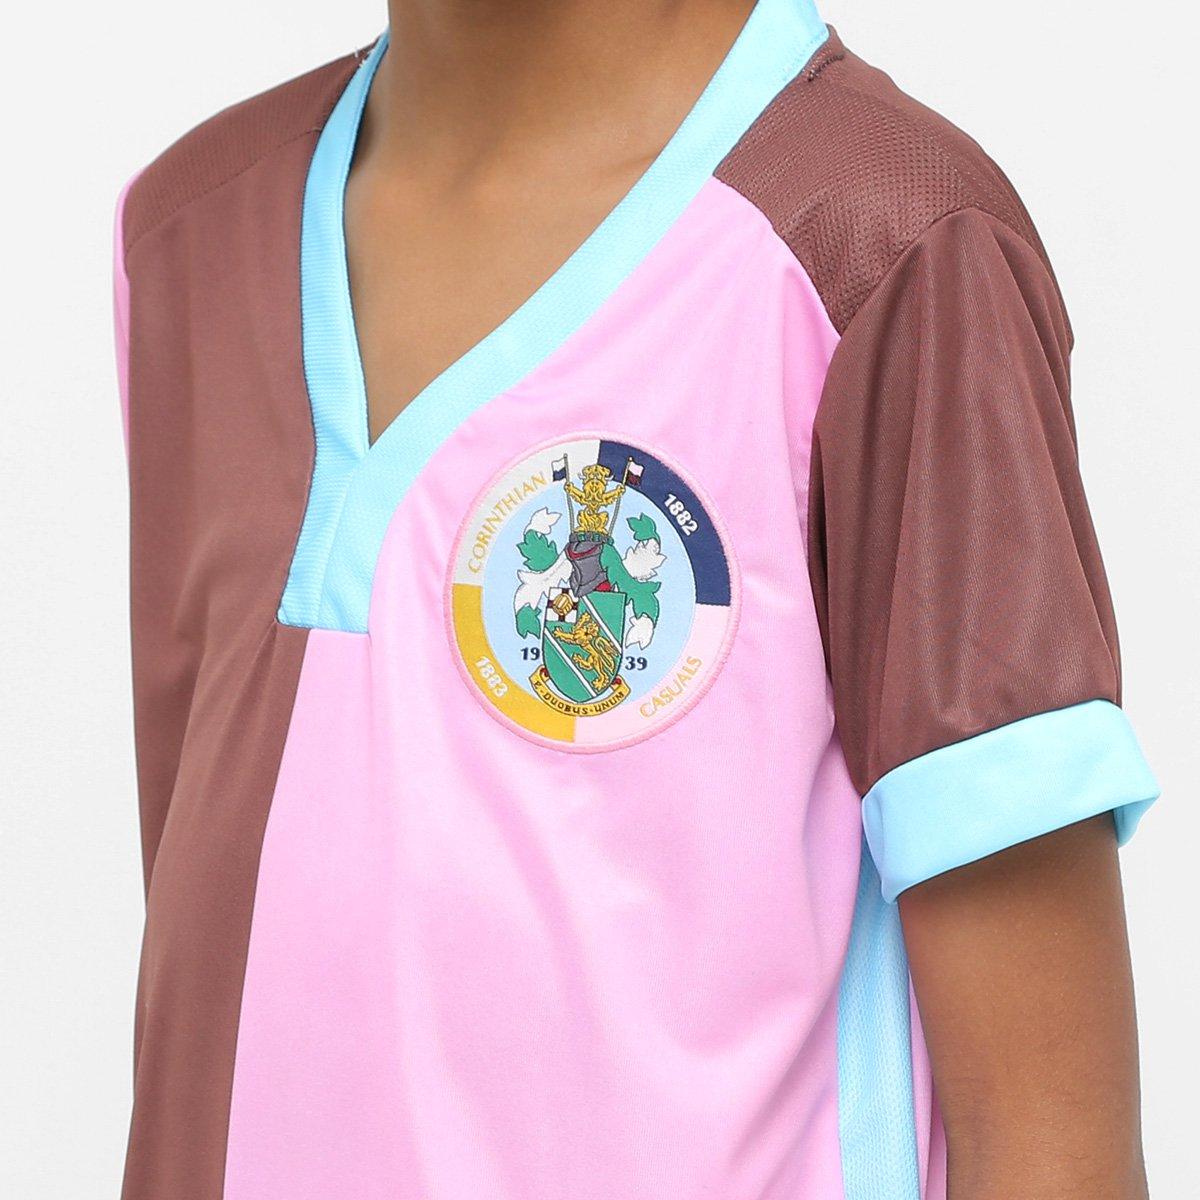 Camisa Corinthian Casuals Infantil Home 17 18 Torcedor - Marrom e ... 99e2de75116c3